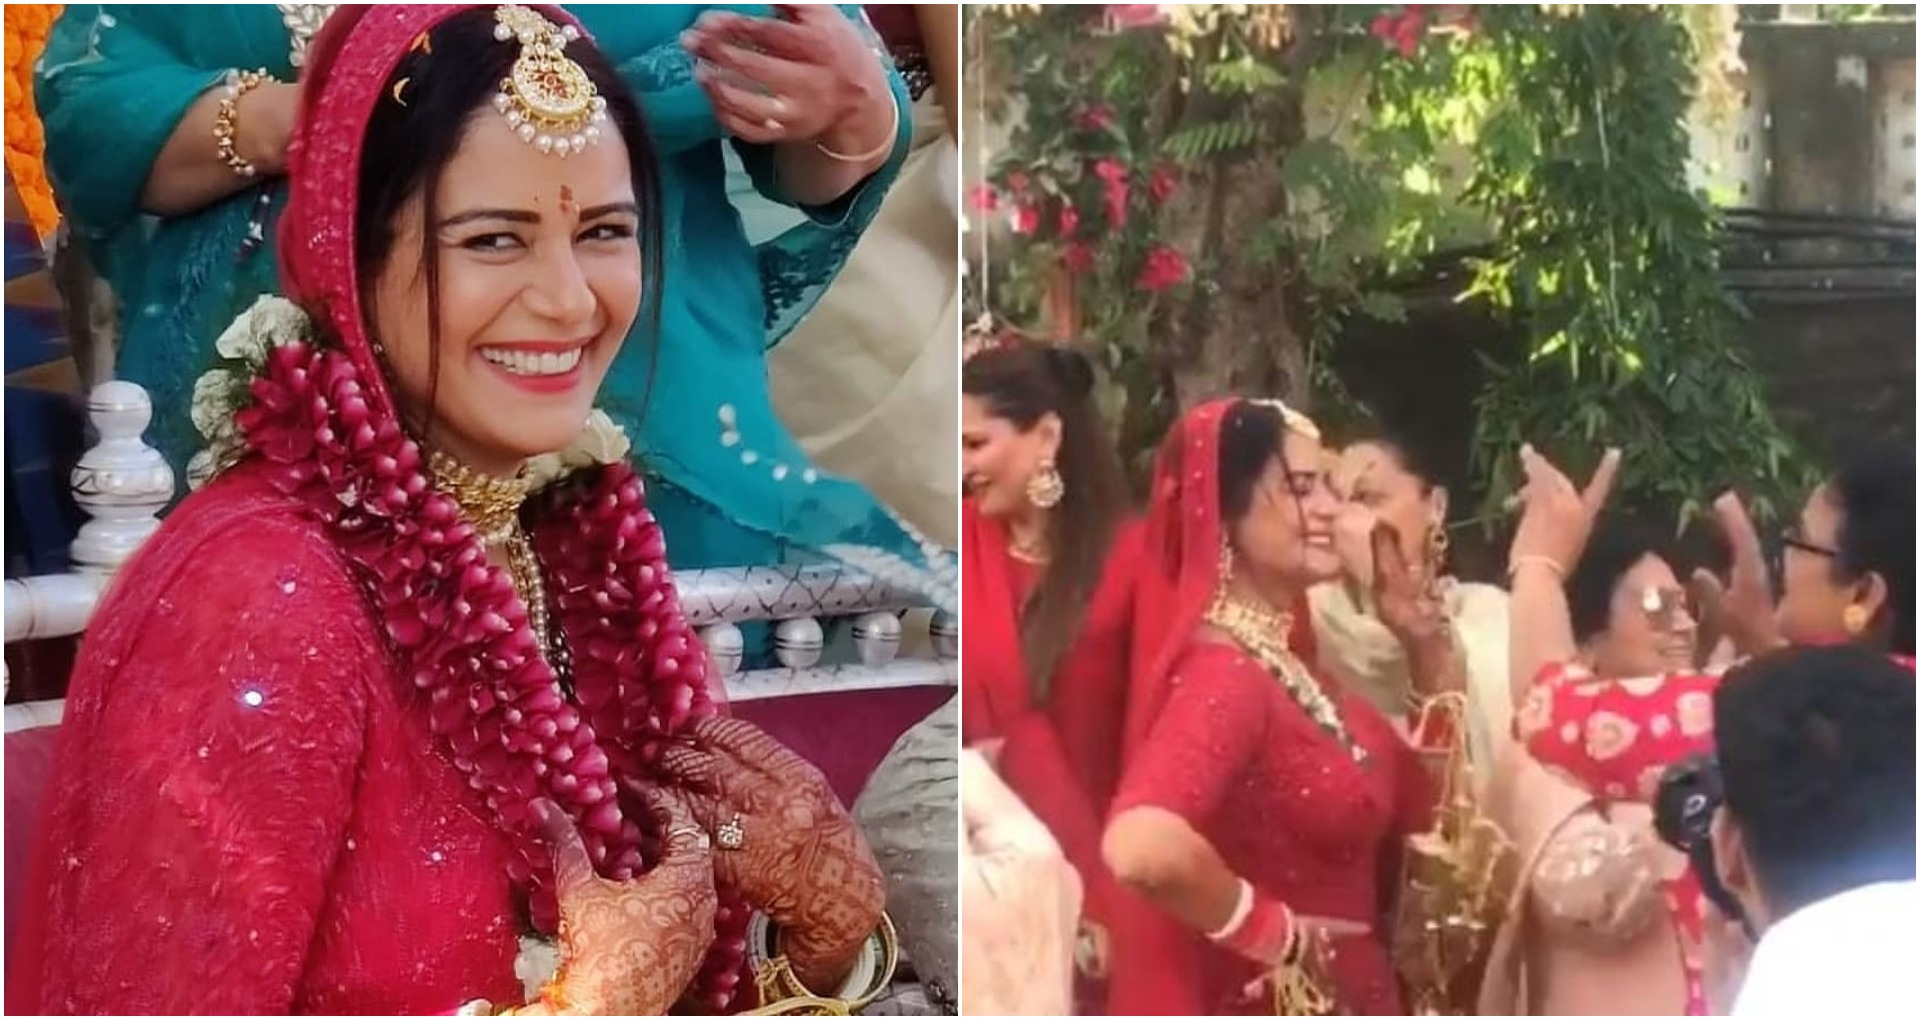 Mona Singh Wedding: मोना सिंह लाल जोड़े में लग रही हैं बेहद ख़ूबसूरत, शादी के मौके जमकर किया डांस, देखें वीडियो